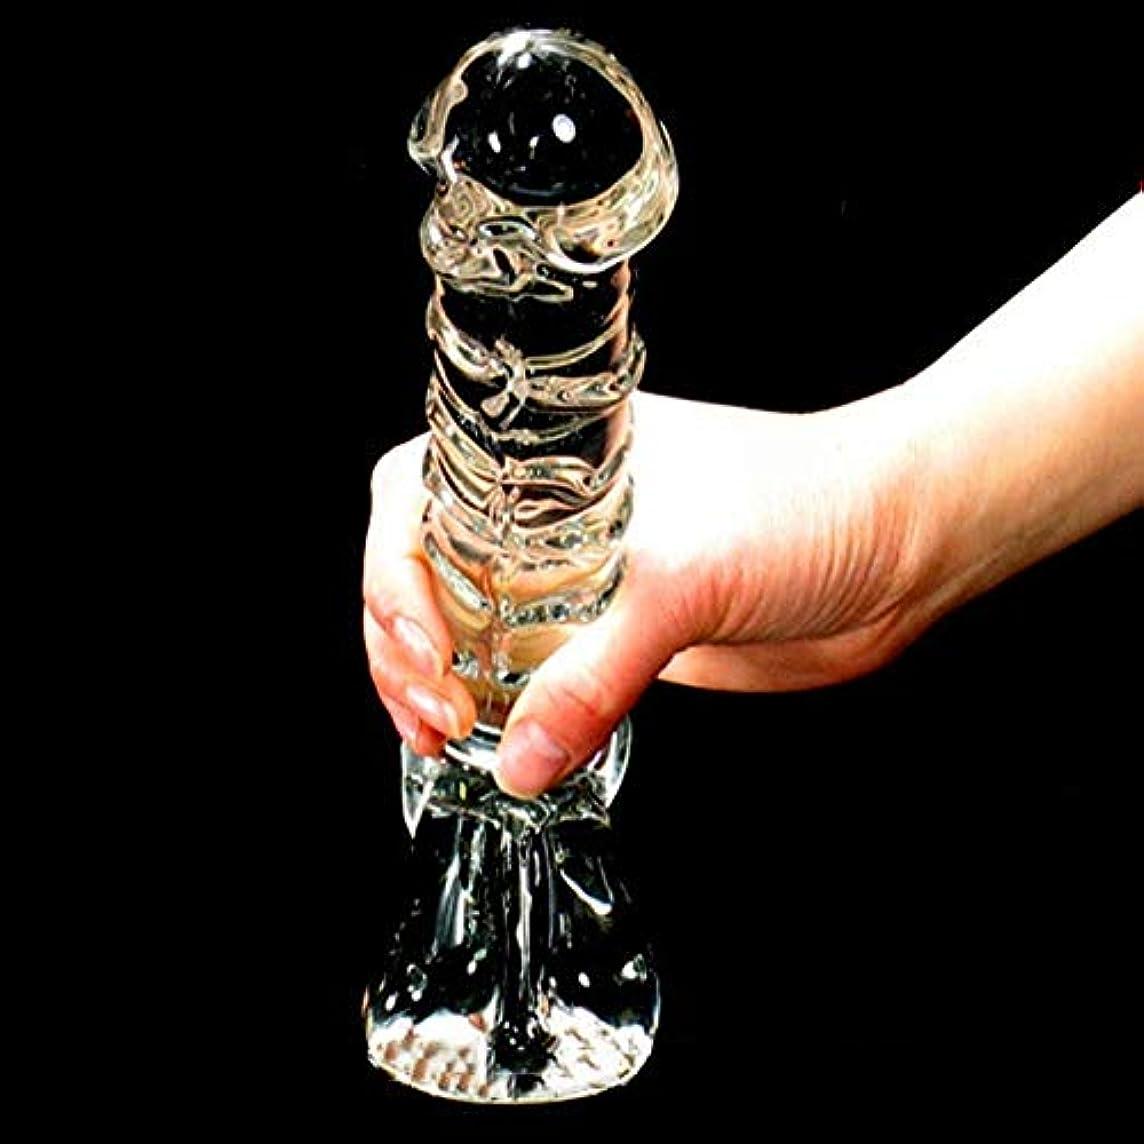 何十人もアカデミー前書きKGJJHYBGTOY スーパーラージシックNo.1ペニスヘビー級ガラスシミュレーション女性オナニーツール誘惑アダルトSěx製品クリスタル RELAX MASSAGE BODY